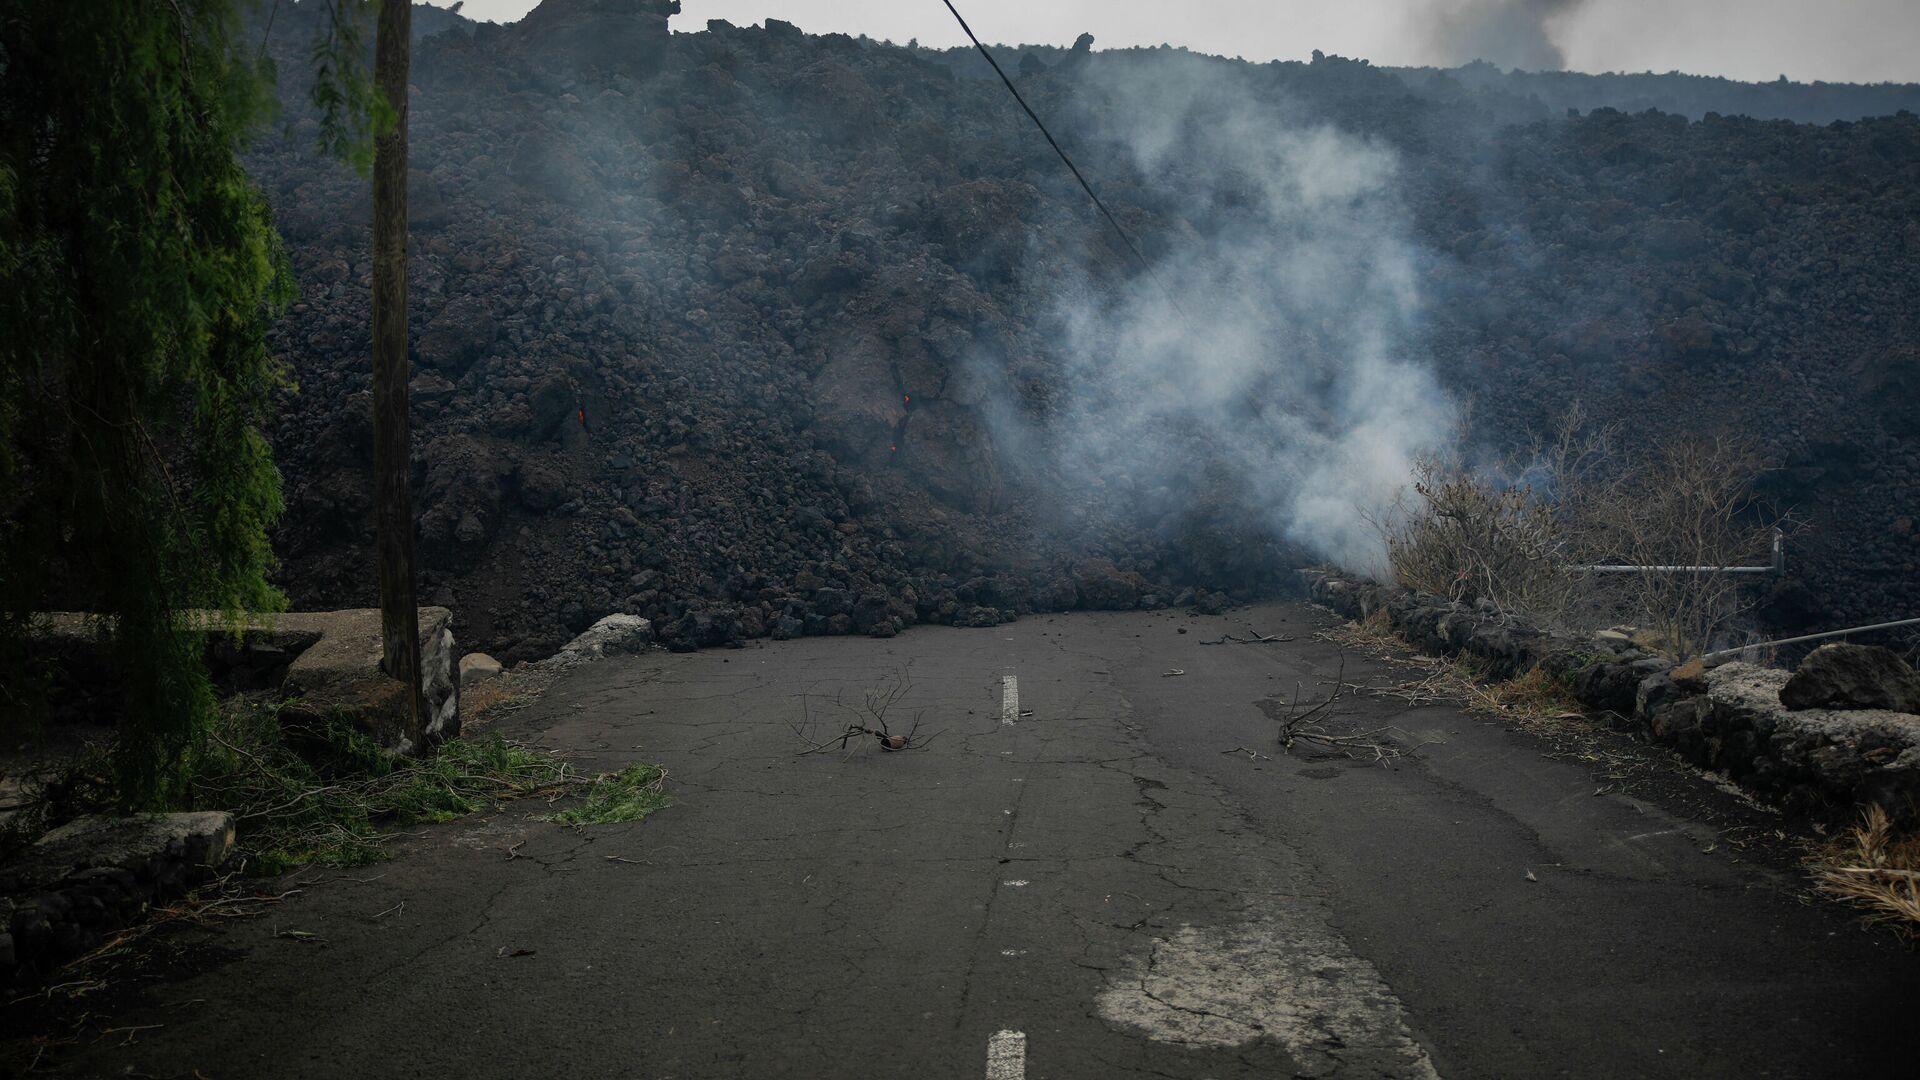 La lava del volcán de La Palma llega al núcleo urbano de Todoque - Sputnik Mundo, 1920, 05.10.2021